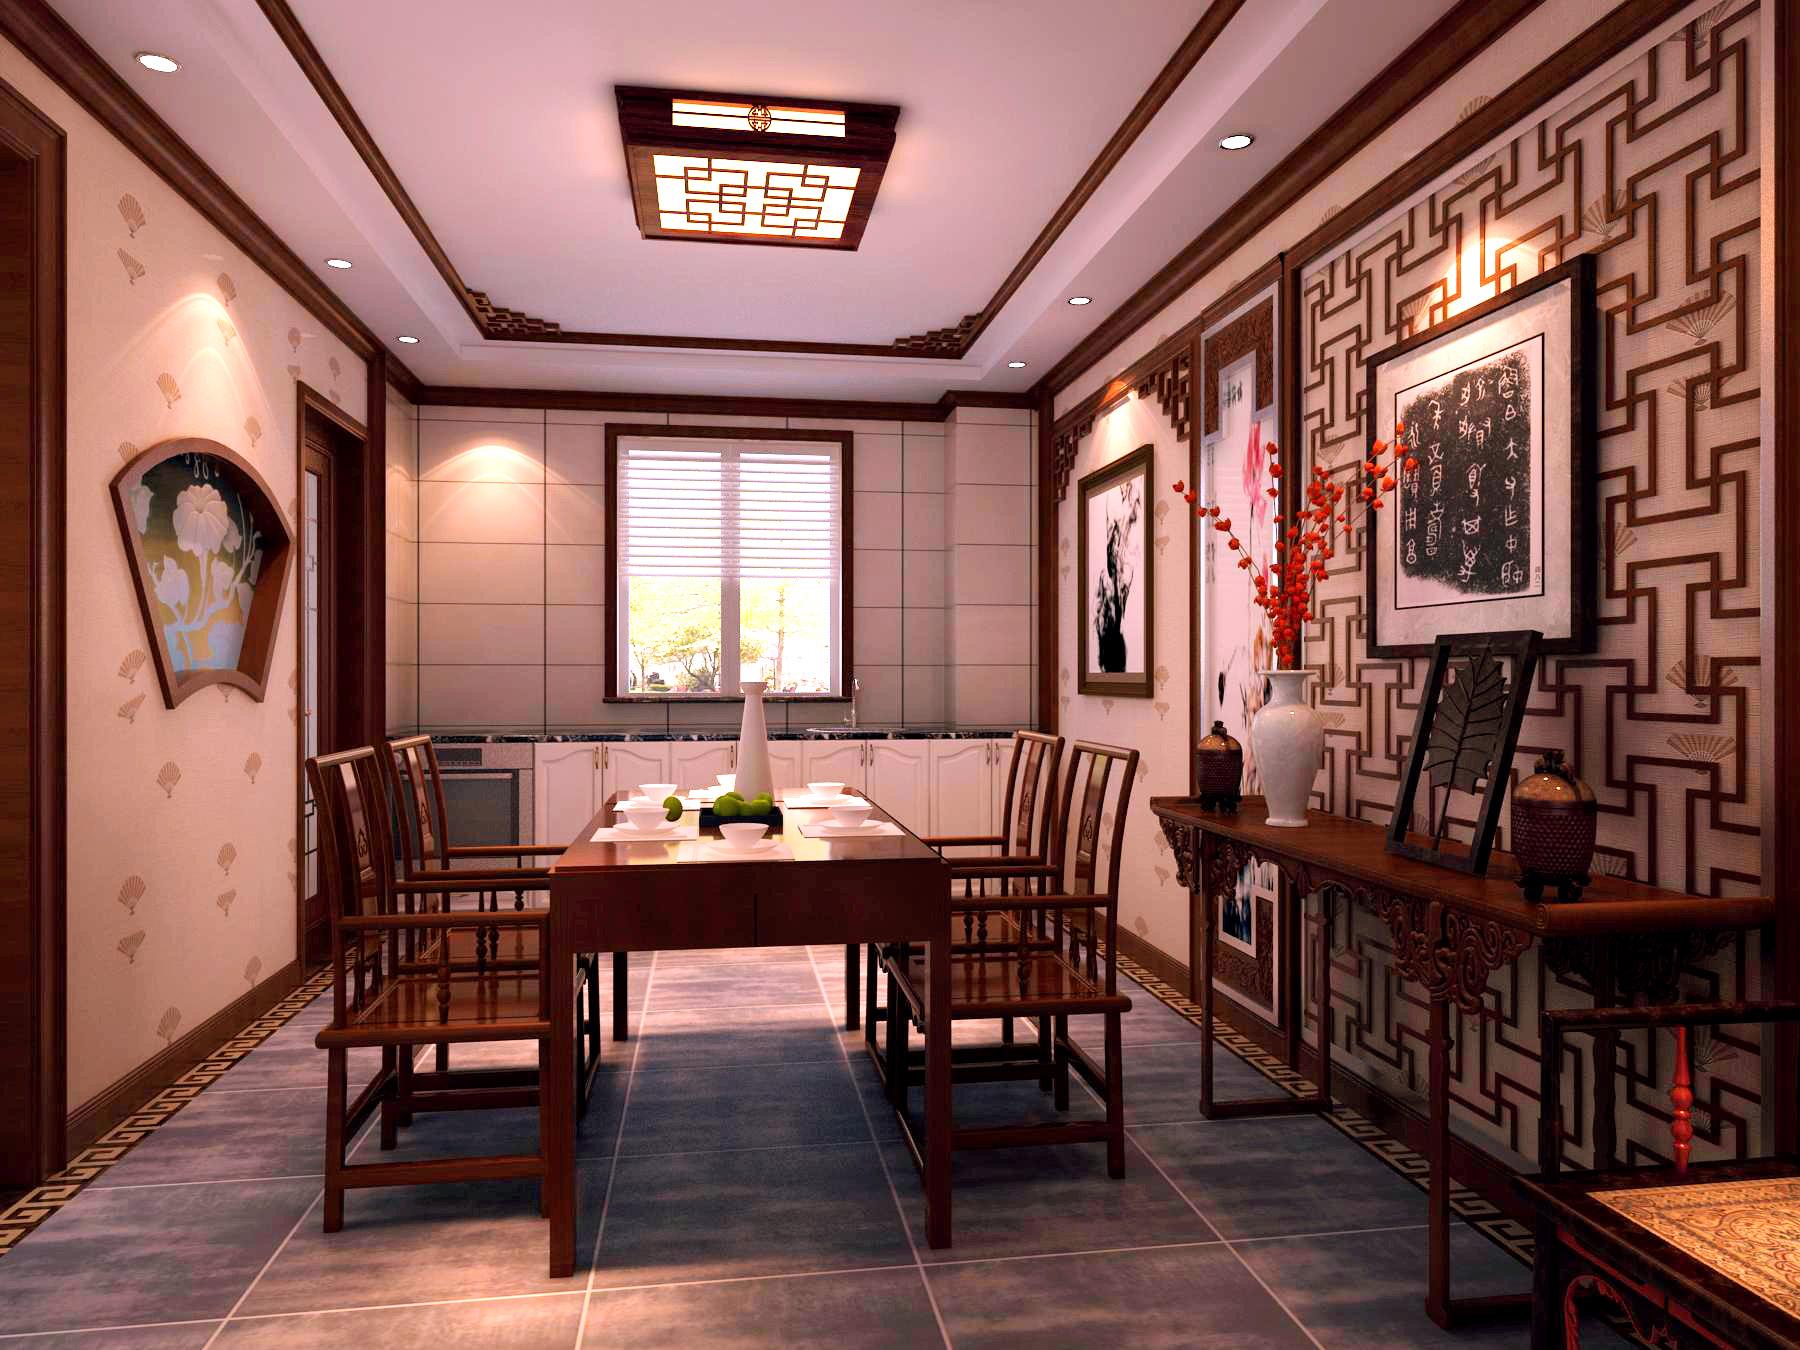 中式 四居 餐厅图片来自北京今朝装饰刘在V7西园中式文化生活的分享